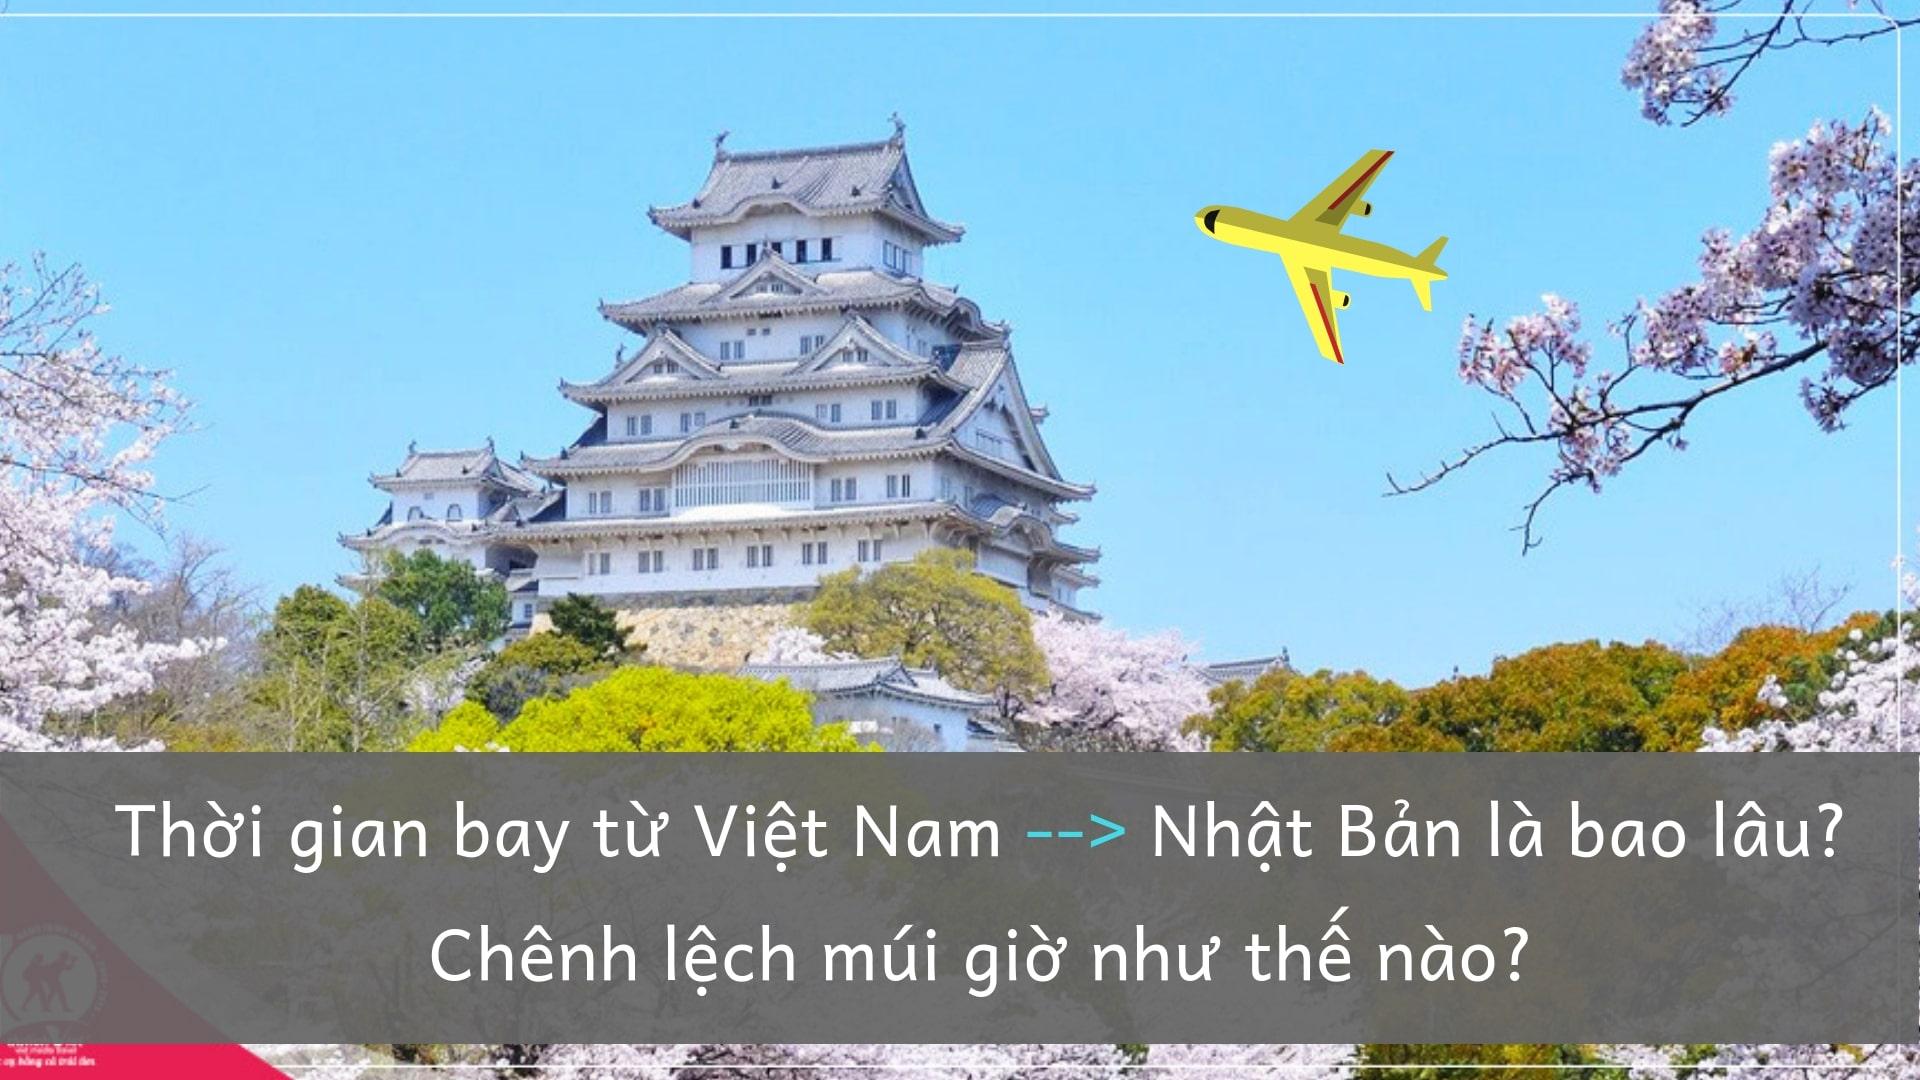 Thời gian bay từ Việt Nam sang Nhật Bản là bao lâu? Chênh lệch múi giờ Việt –Nhật như thế nào?